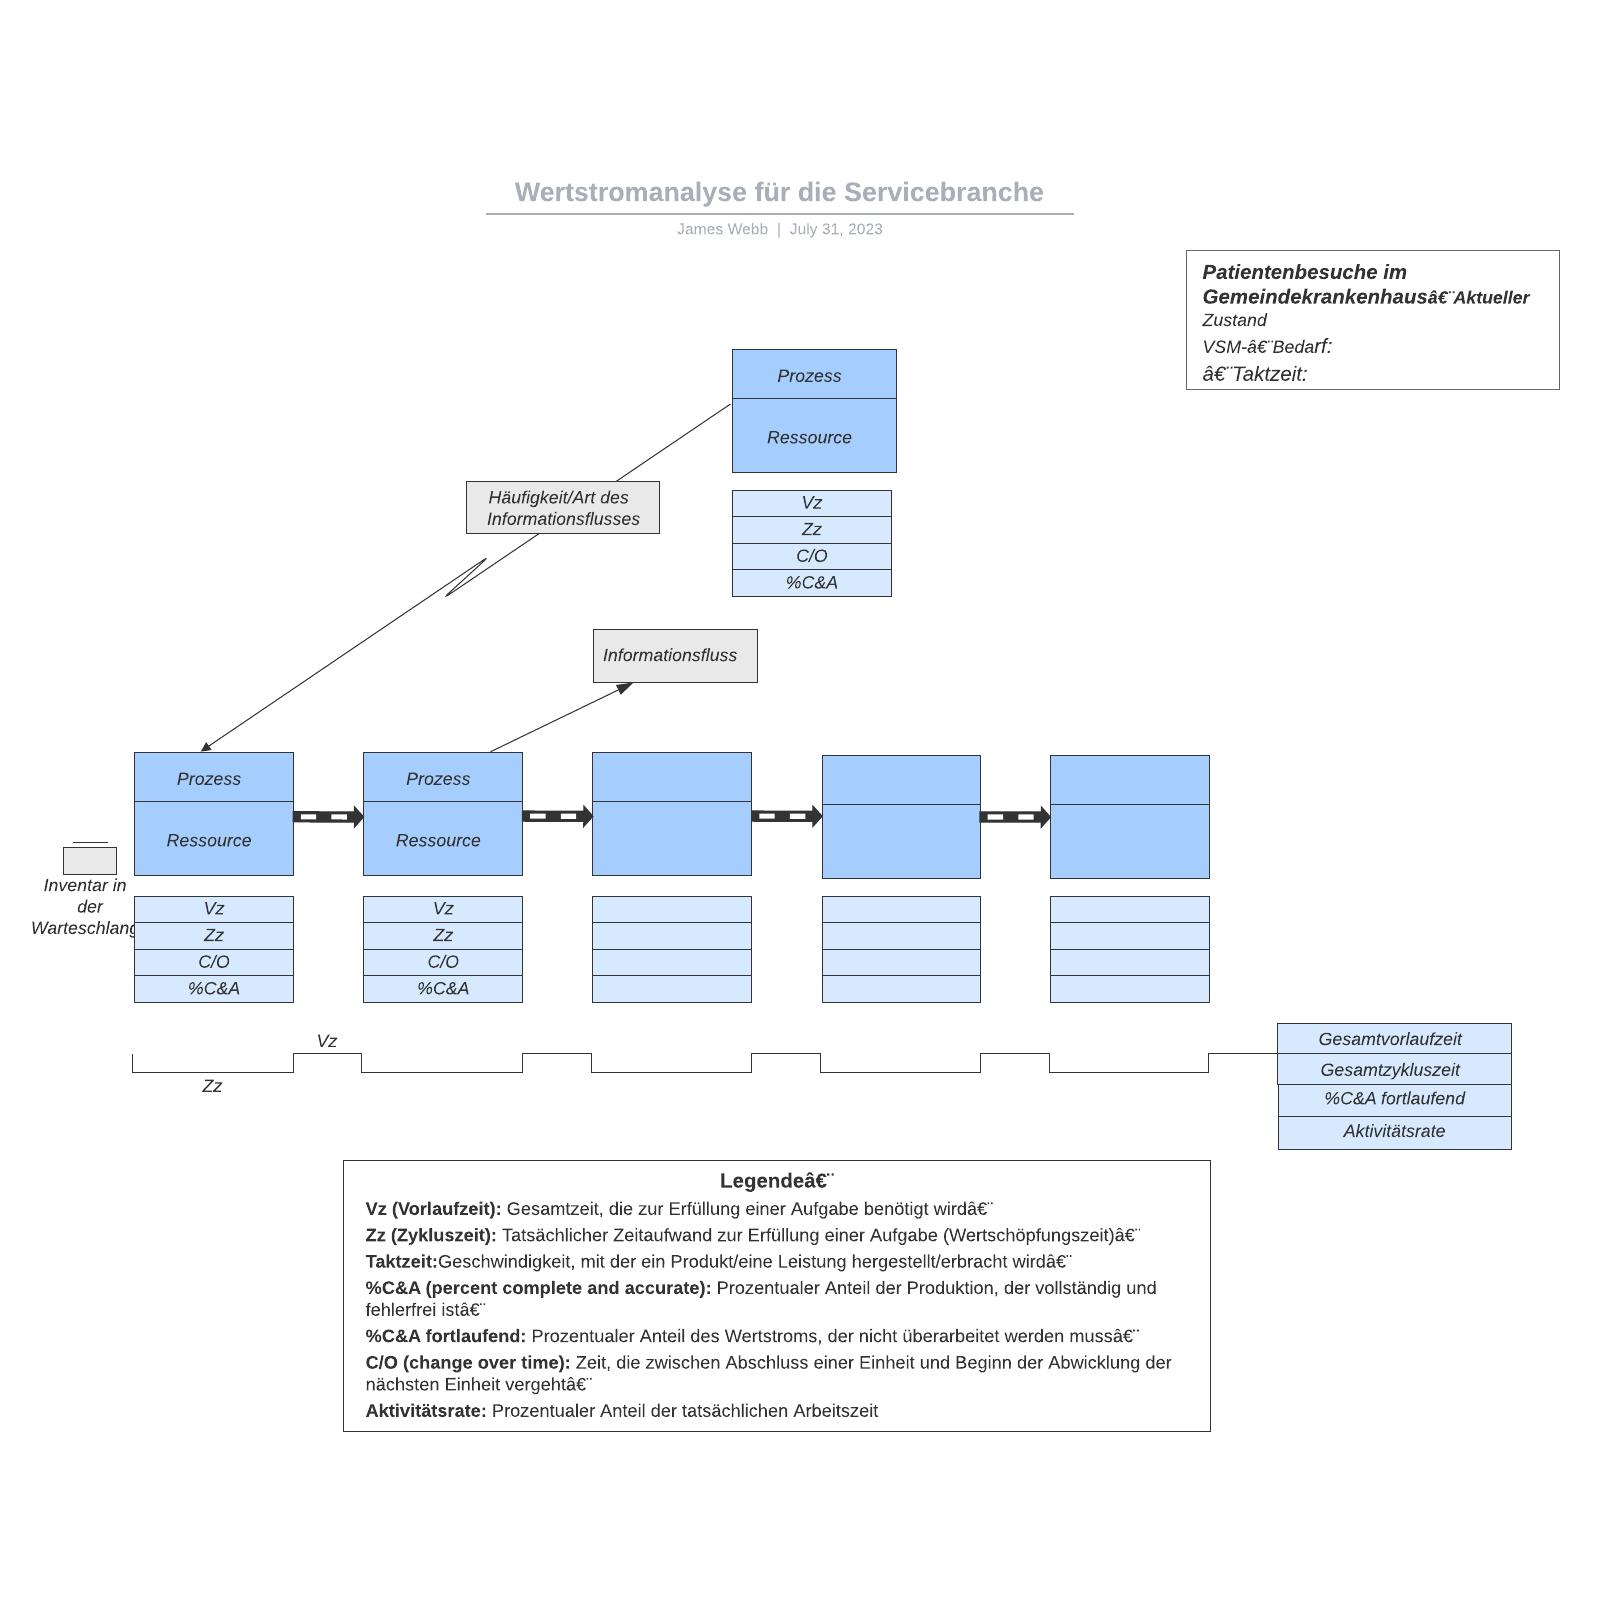 Wertstromanalyse für die Servicebranche